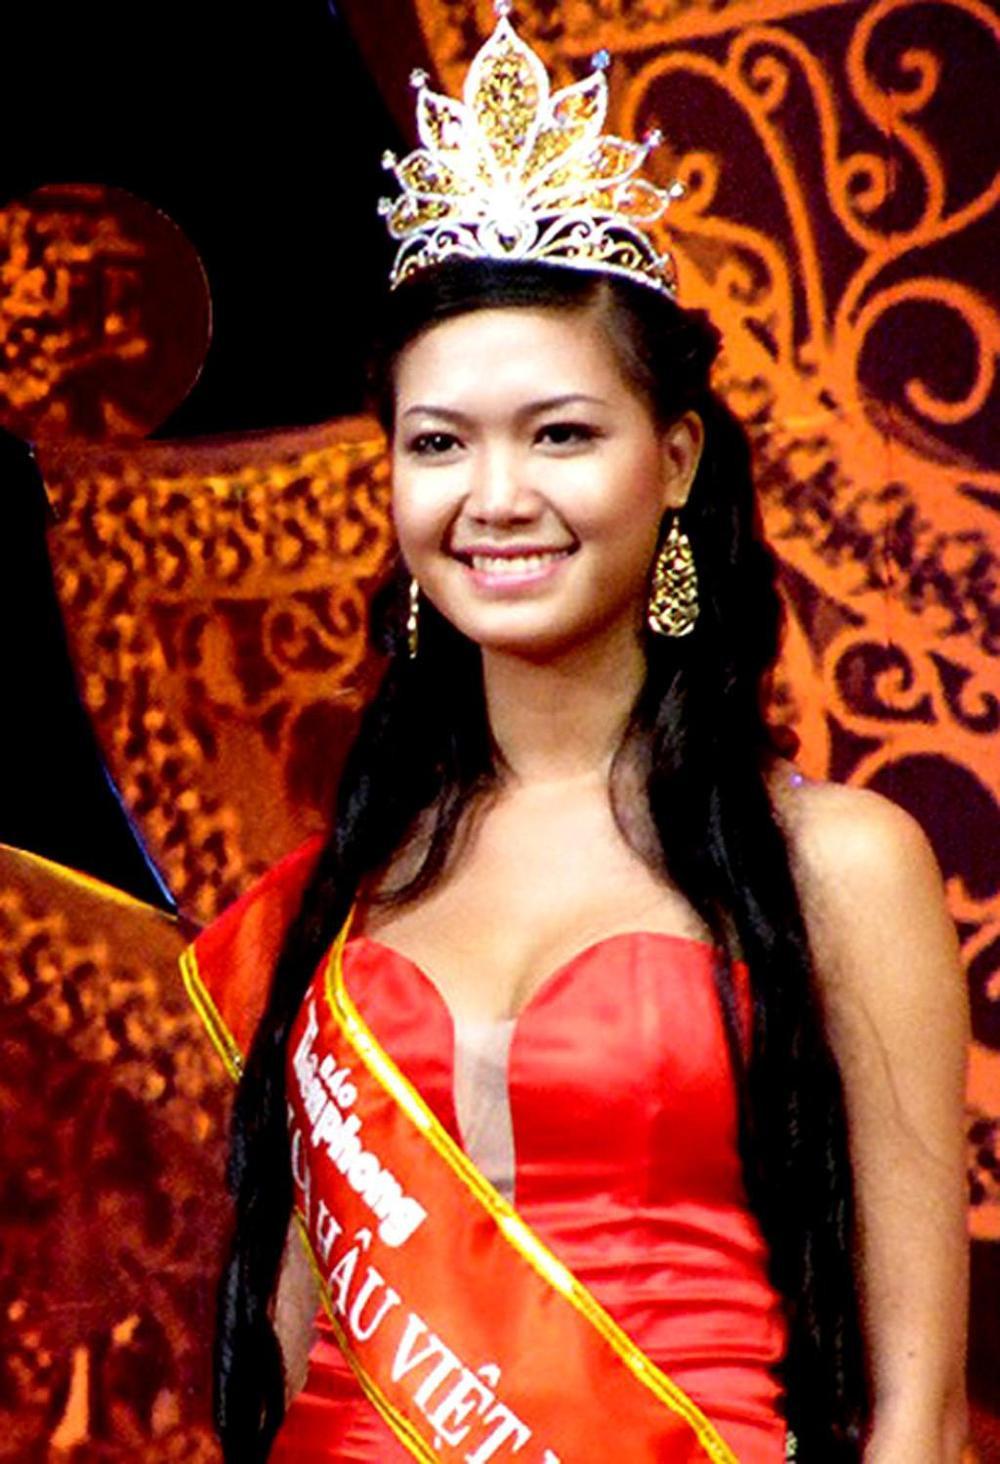 Vẻ đẹp thuần khiết của 16 cô gái thuở mới đăng quang Hoa hậu Việt Nam: Chờ đợi nhan sắc kế nhiệm Tiểu Vy Ảnh 12